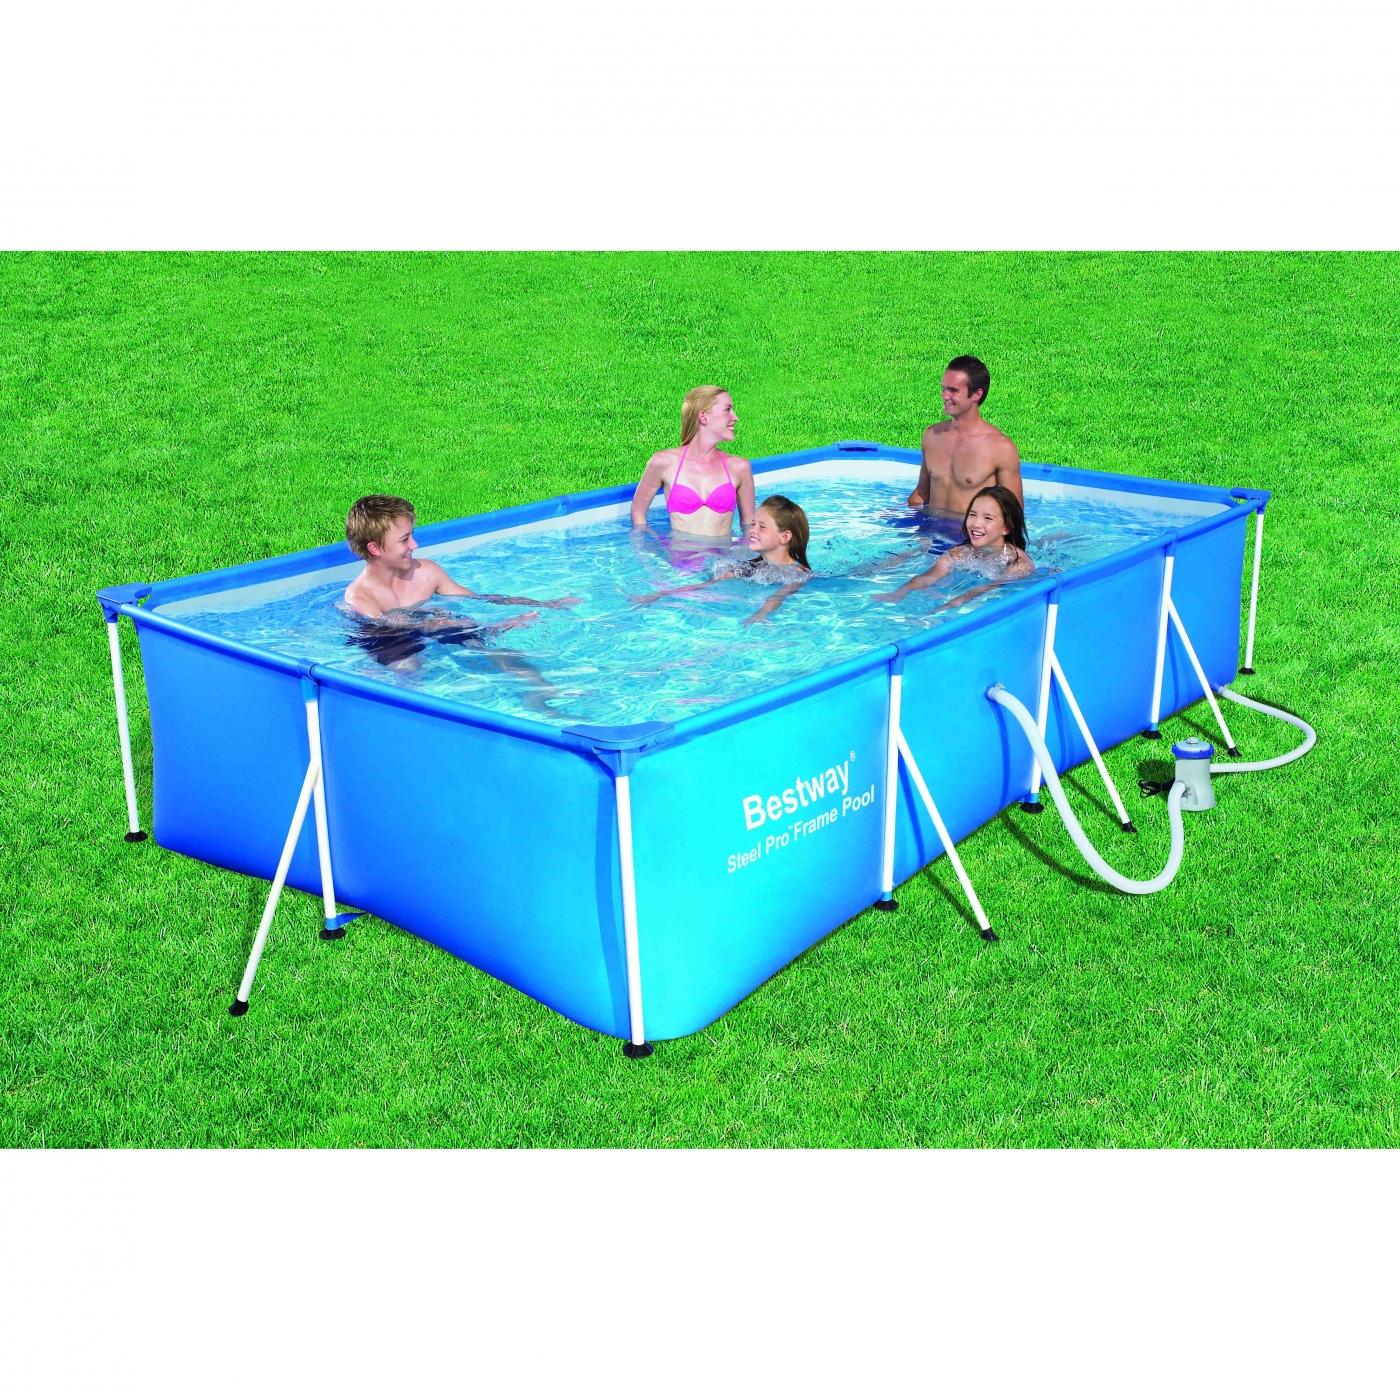 piscina tubular con depuradora por 179 95 en planeta huerto